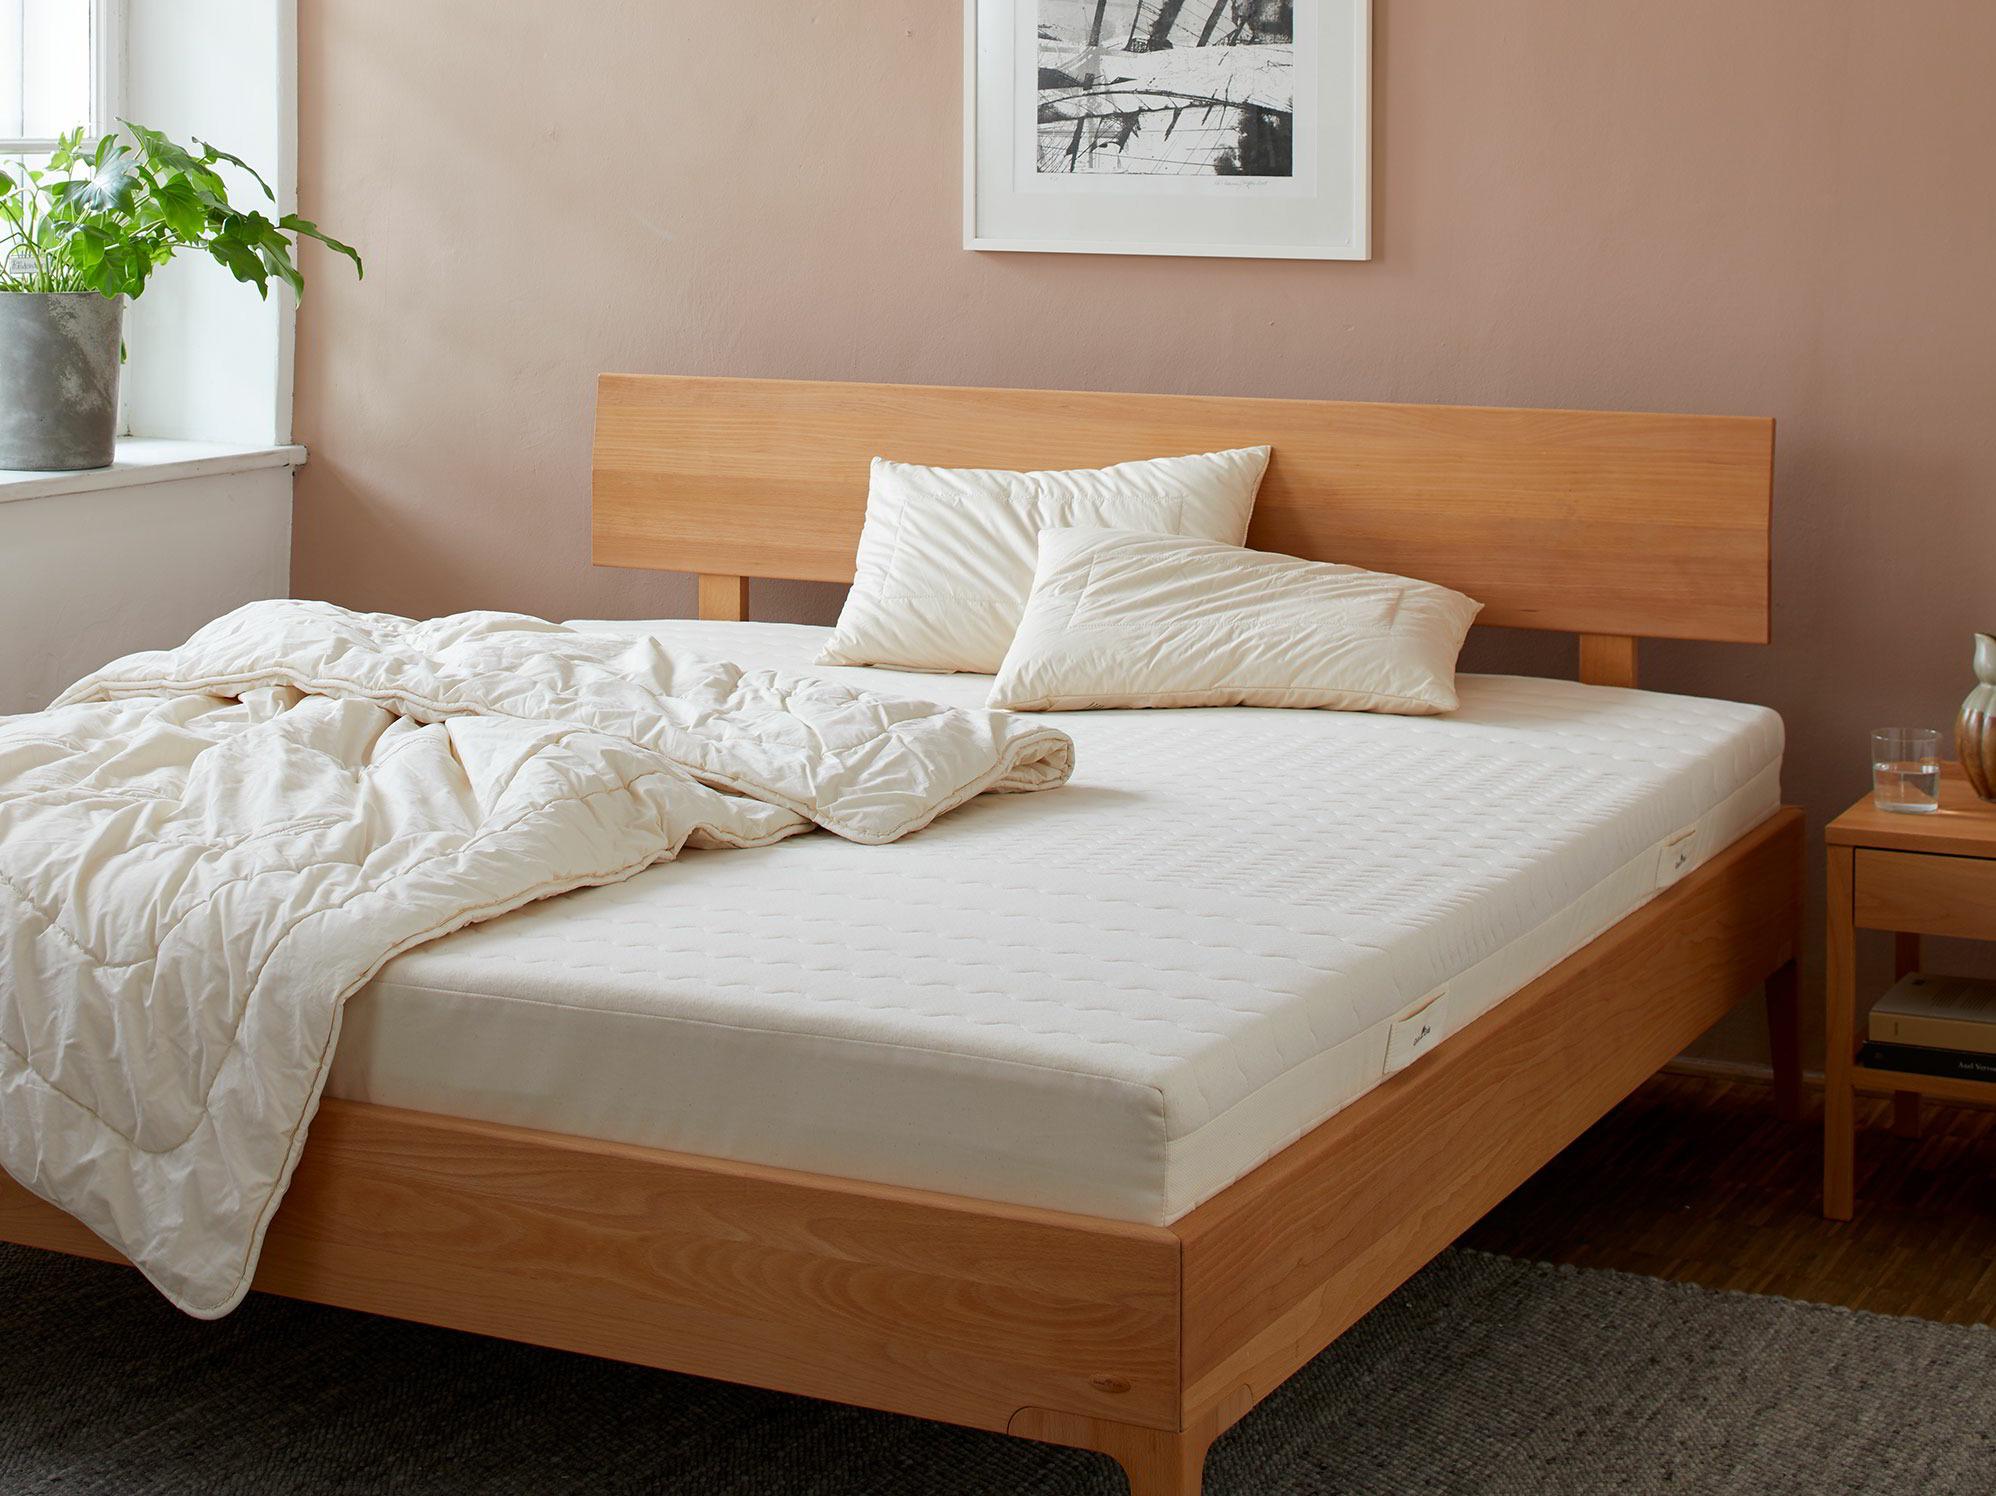 matratze rona s wolke anpassungsf hig punktelastisch. Black Bedroom Furniture Sets. Home Design Ideas